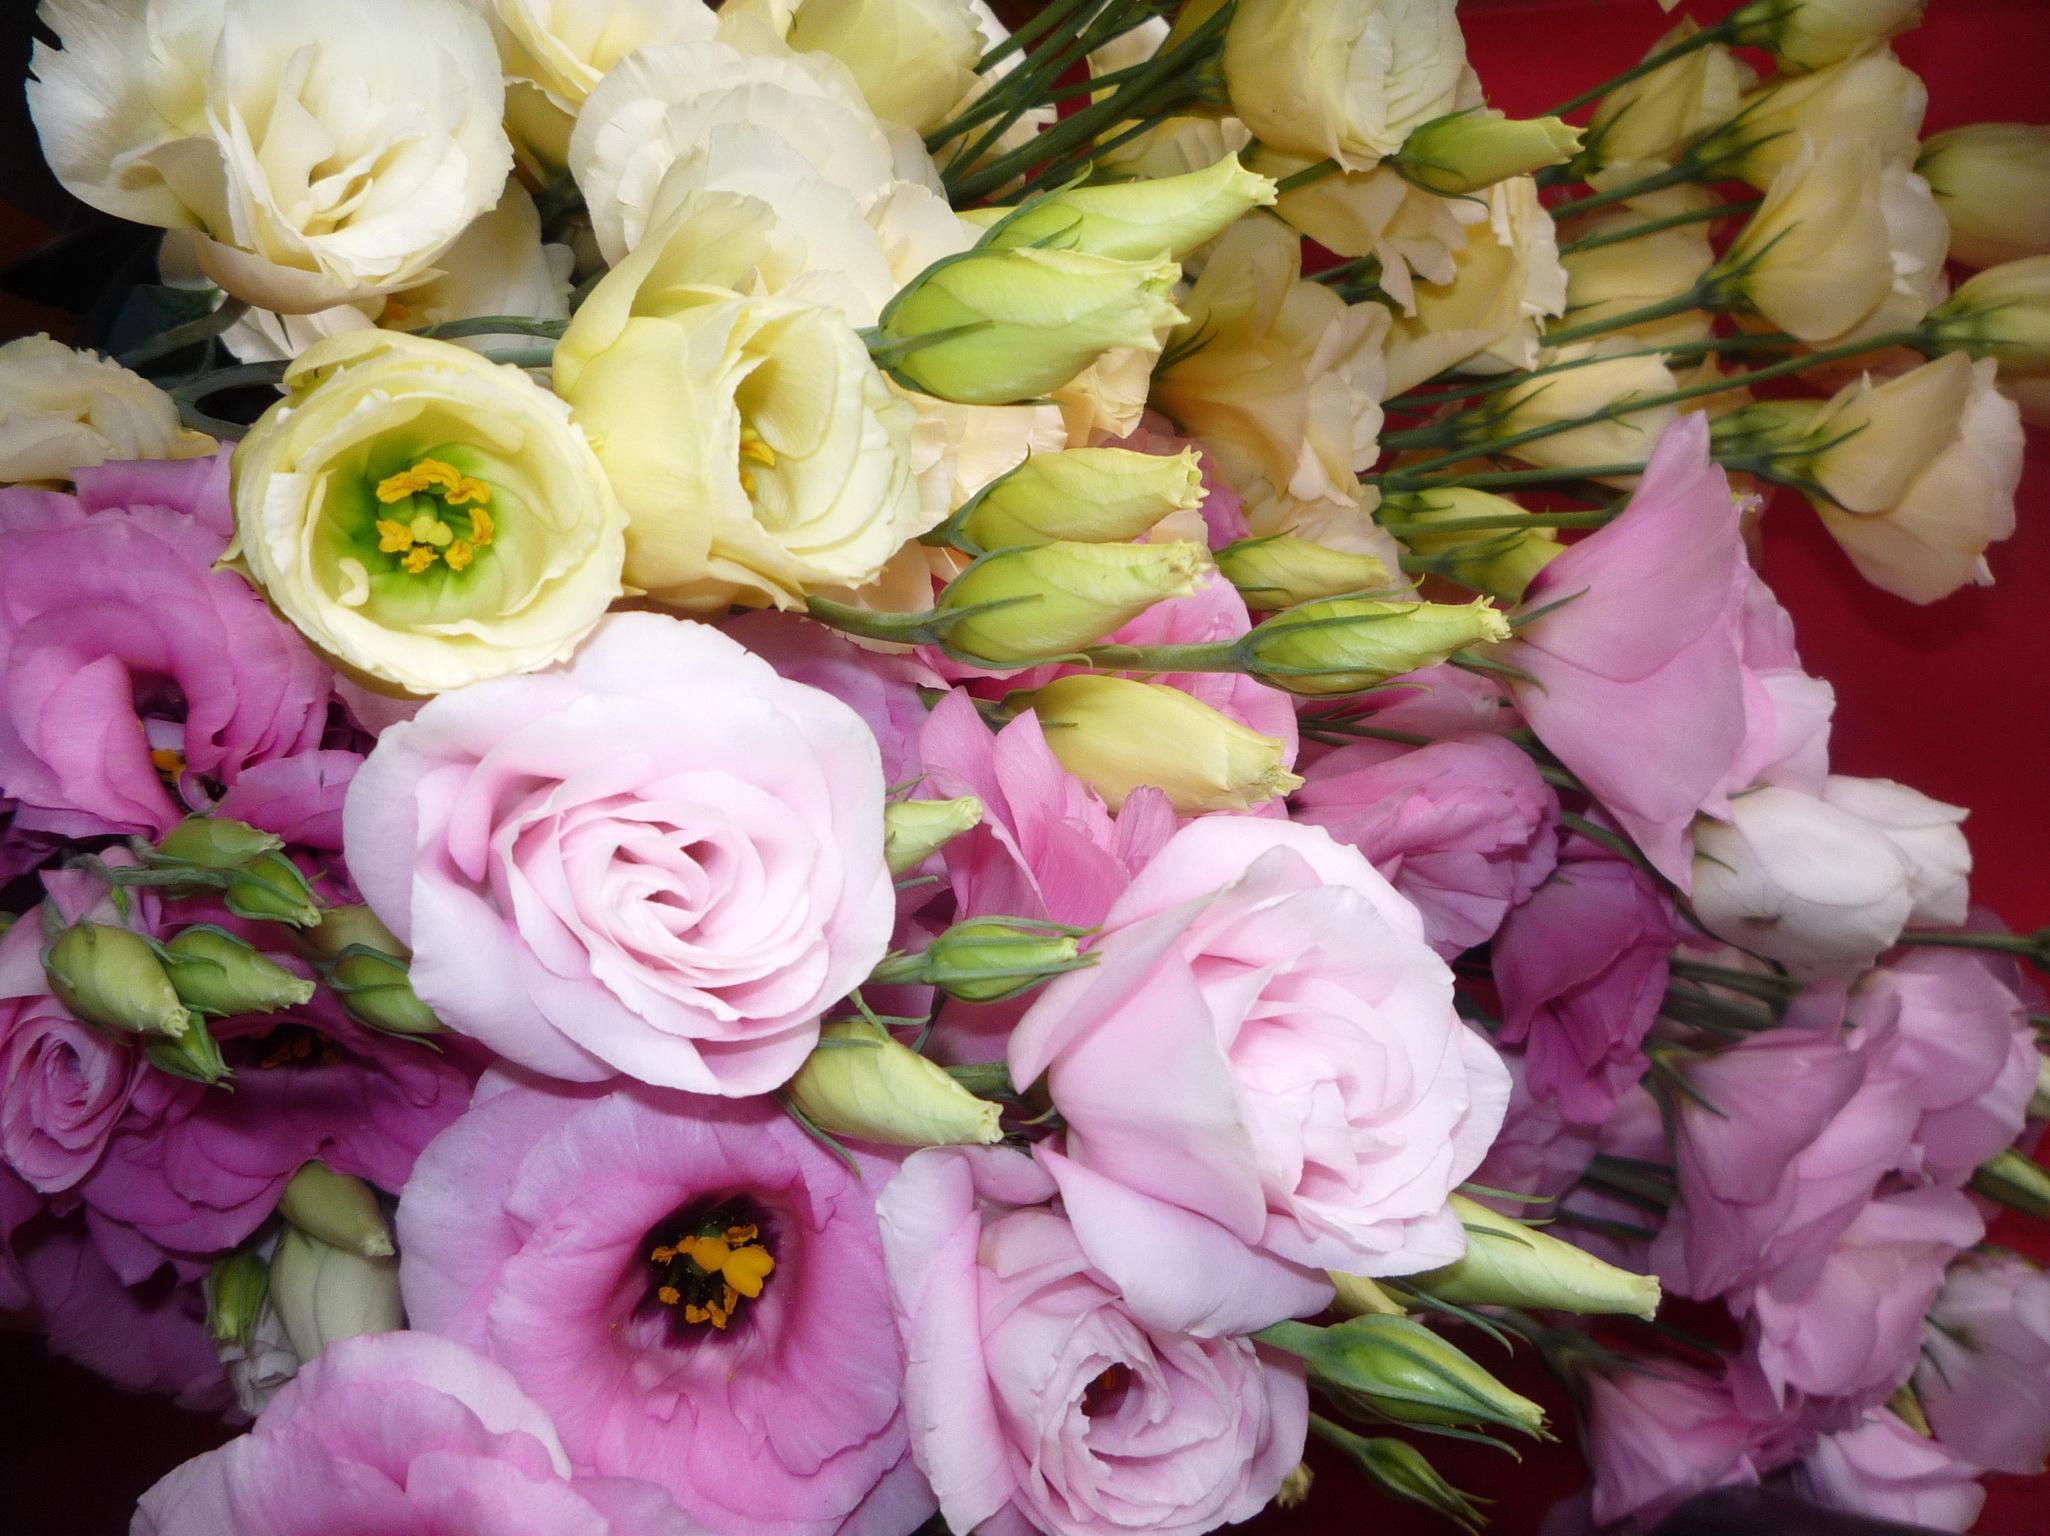 http://www.zastavki.com/pictures/originals/2014/Nature___Flowers_In_the_garden_of_beautiful_flowers_Eustoma_(Irish_Rose)_067312_.jpg